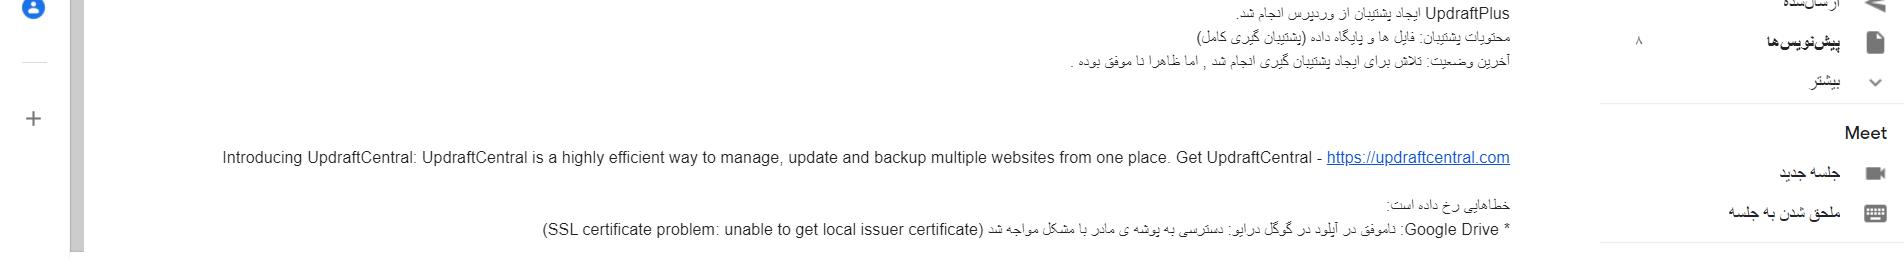 مشکل پشتیبان گیری با افزونه UpdraftPlus